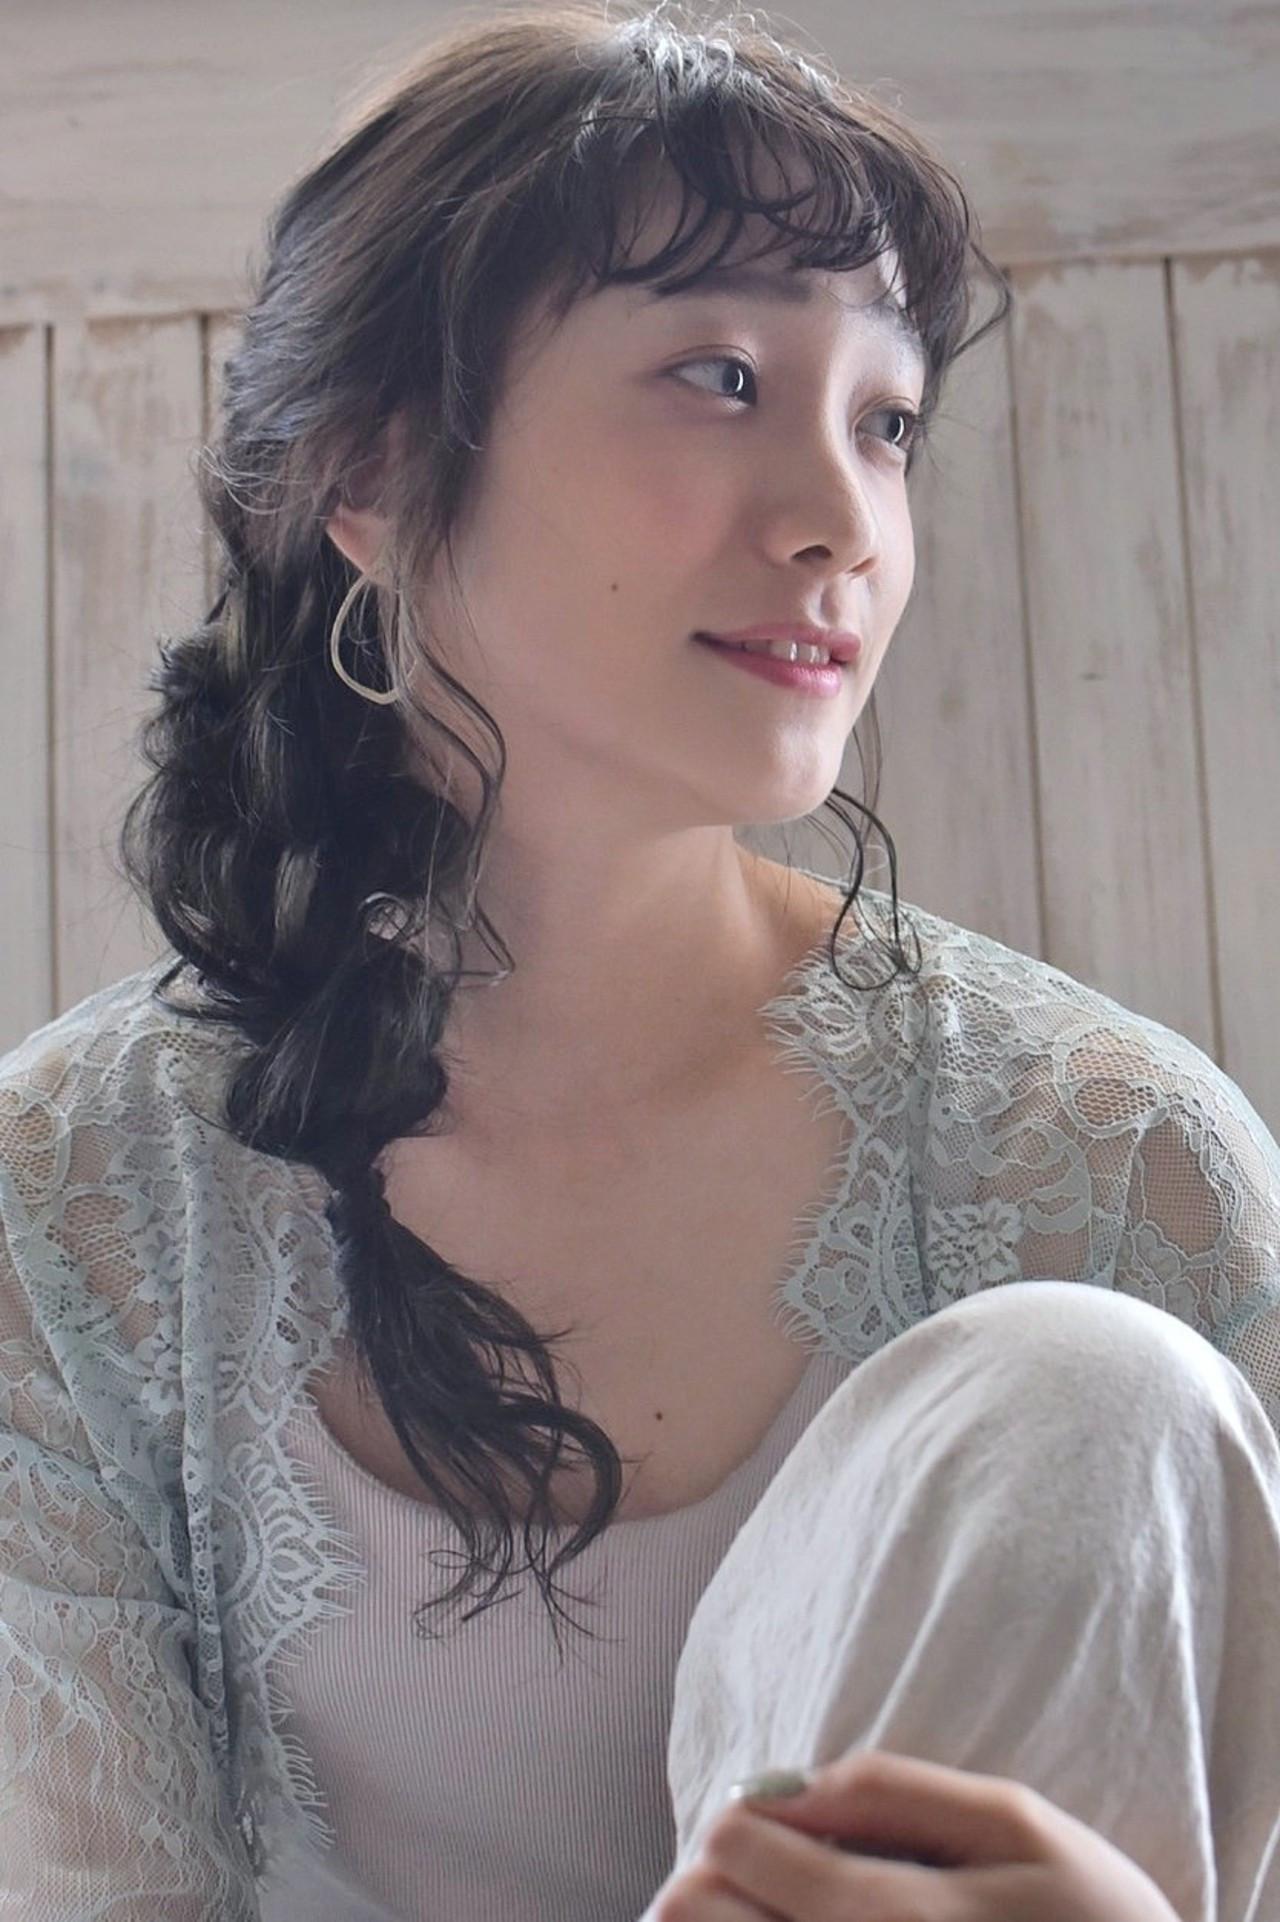 アウトドア 編み込み 編みおろし ヘアアレンジ ヘアスタイルや髪型の写真・画像